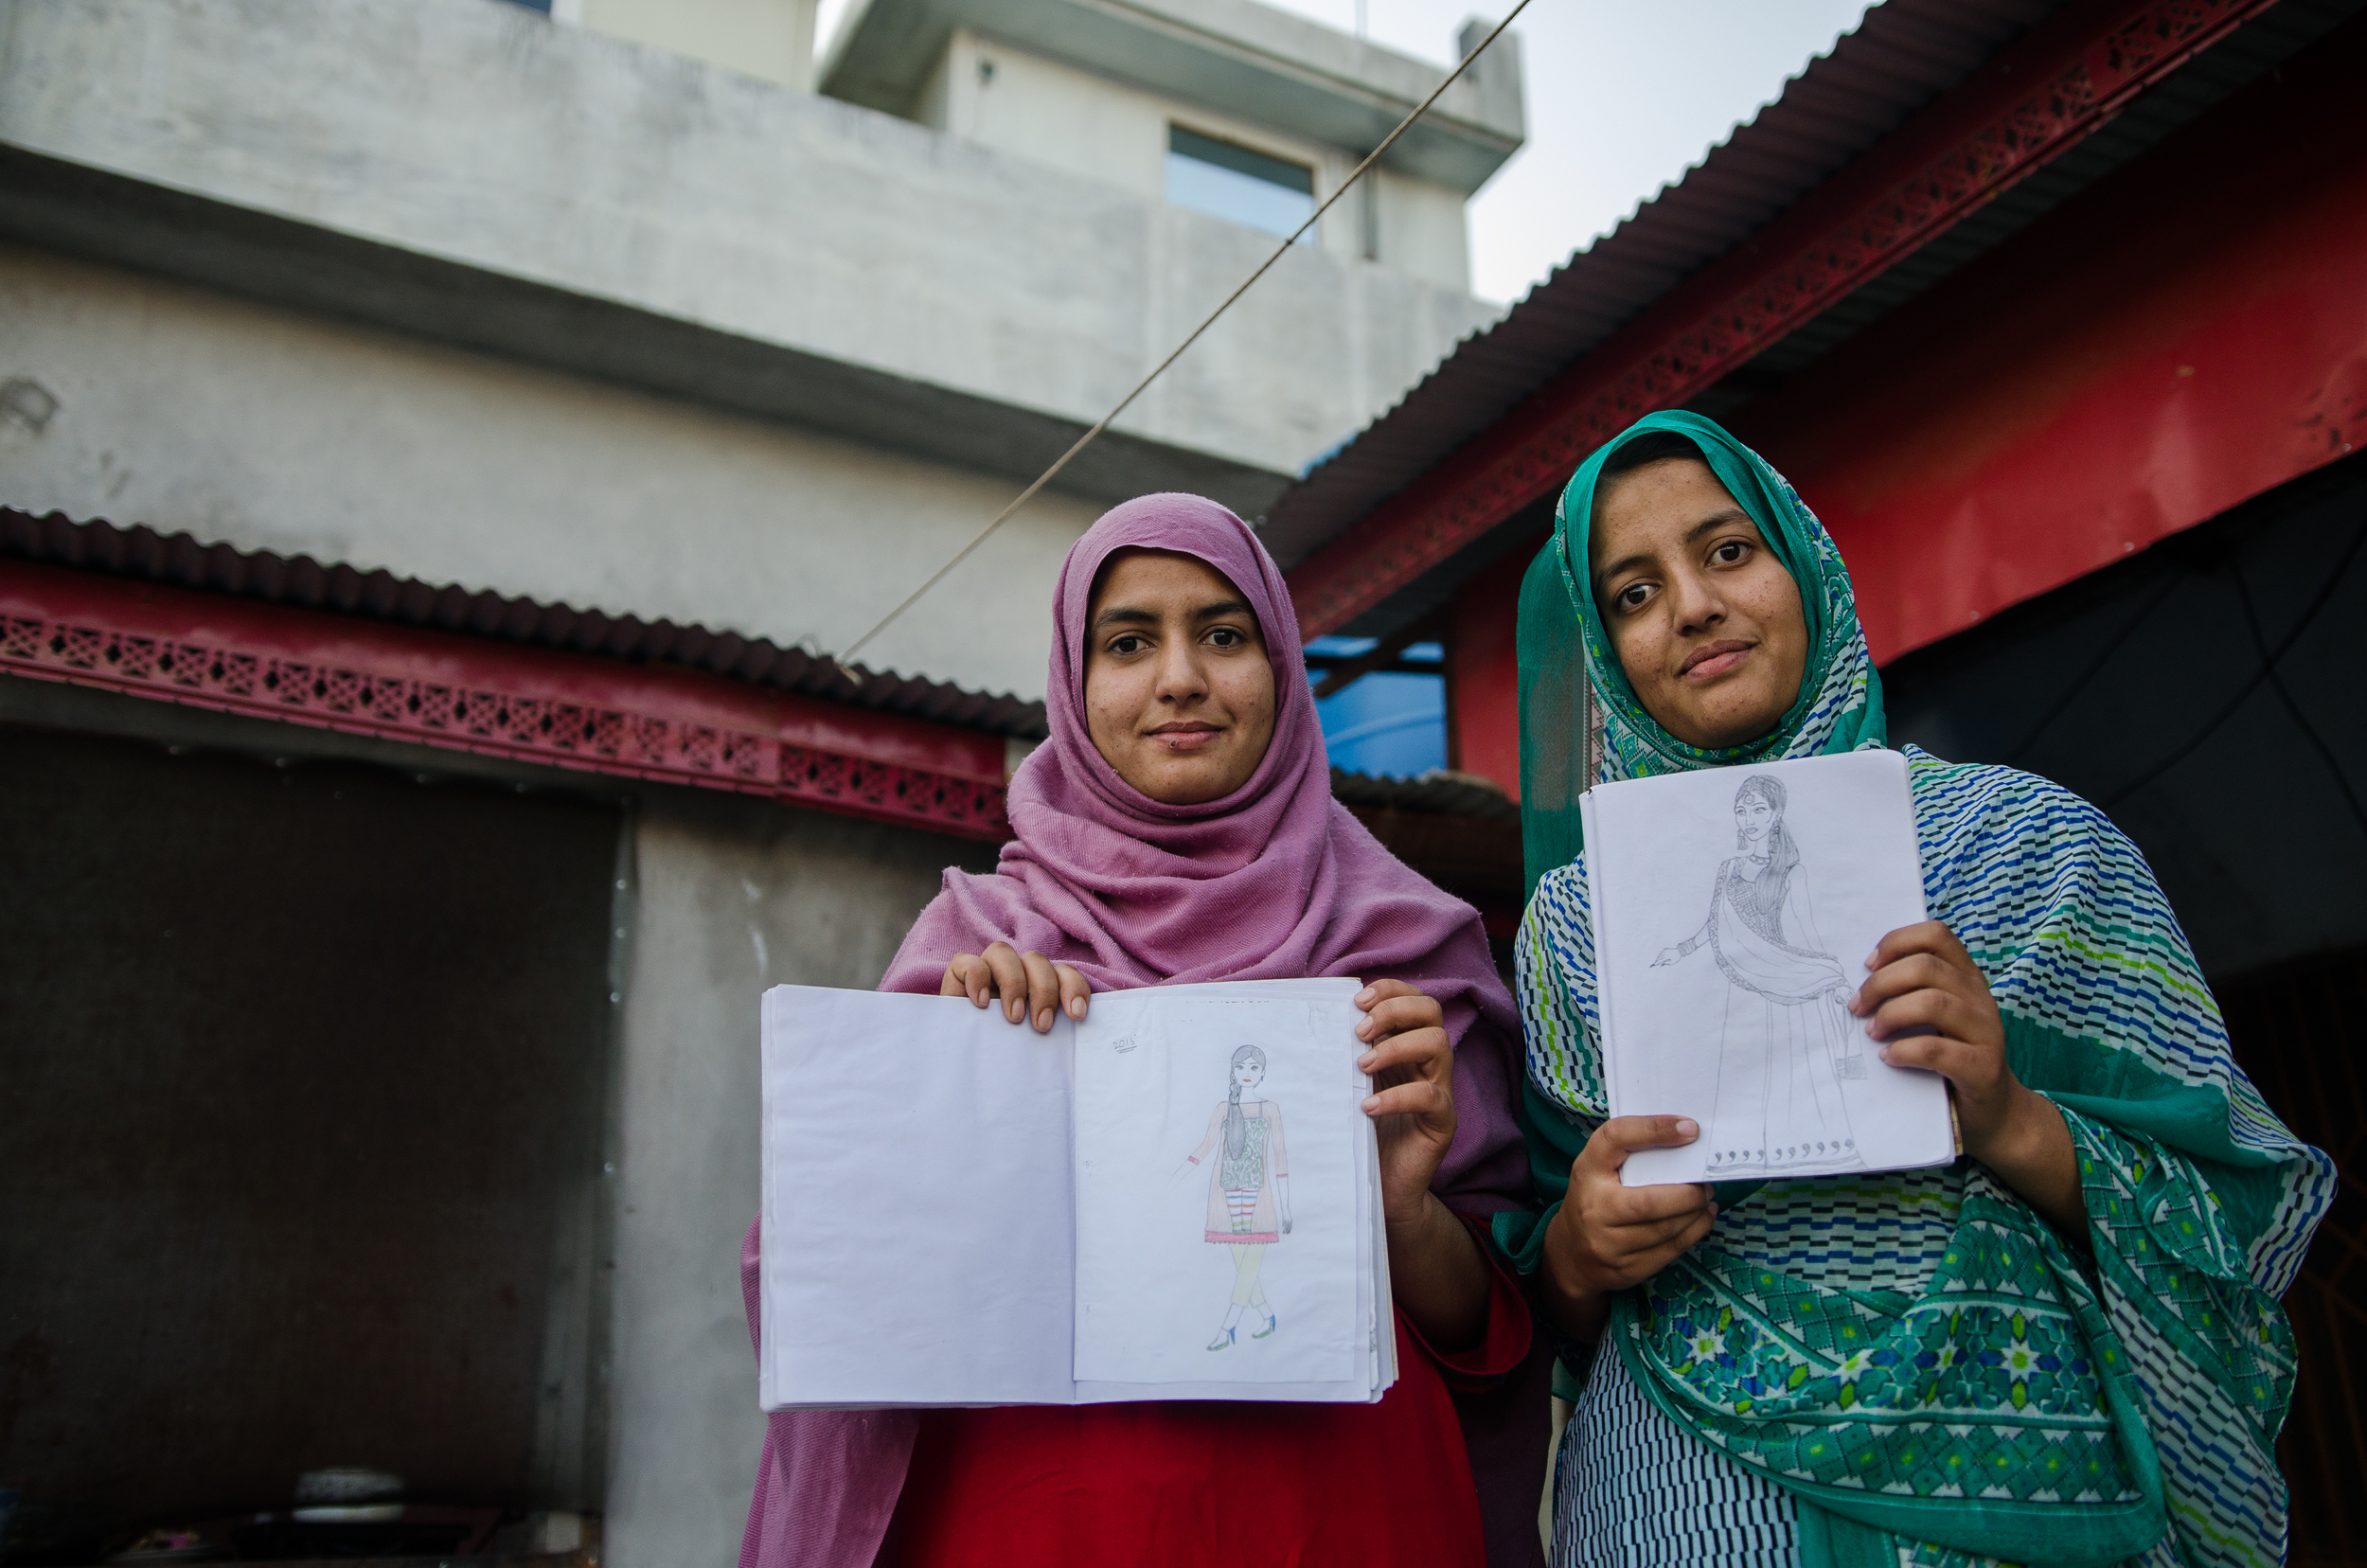 Nimra & Sumaya | Muzaffarabad (3/3)